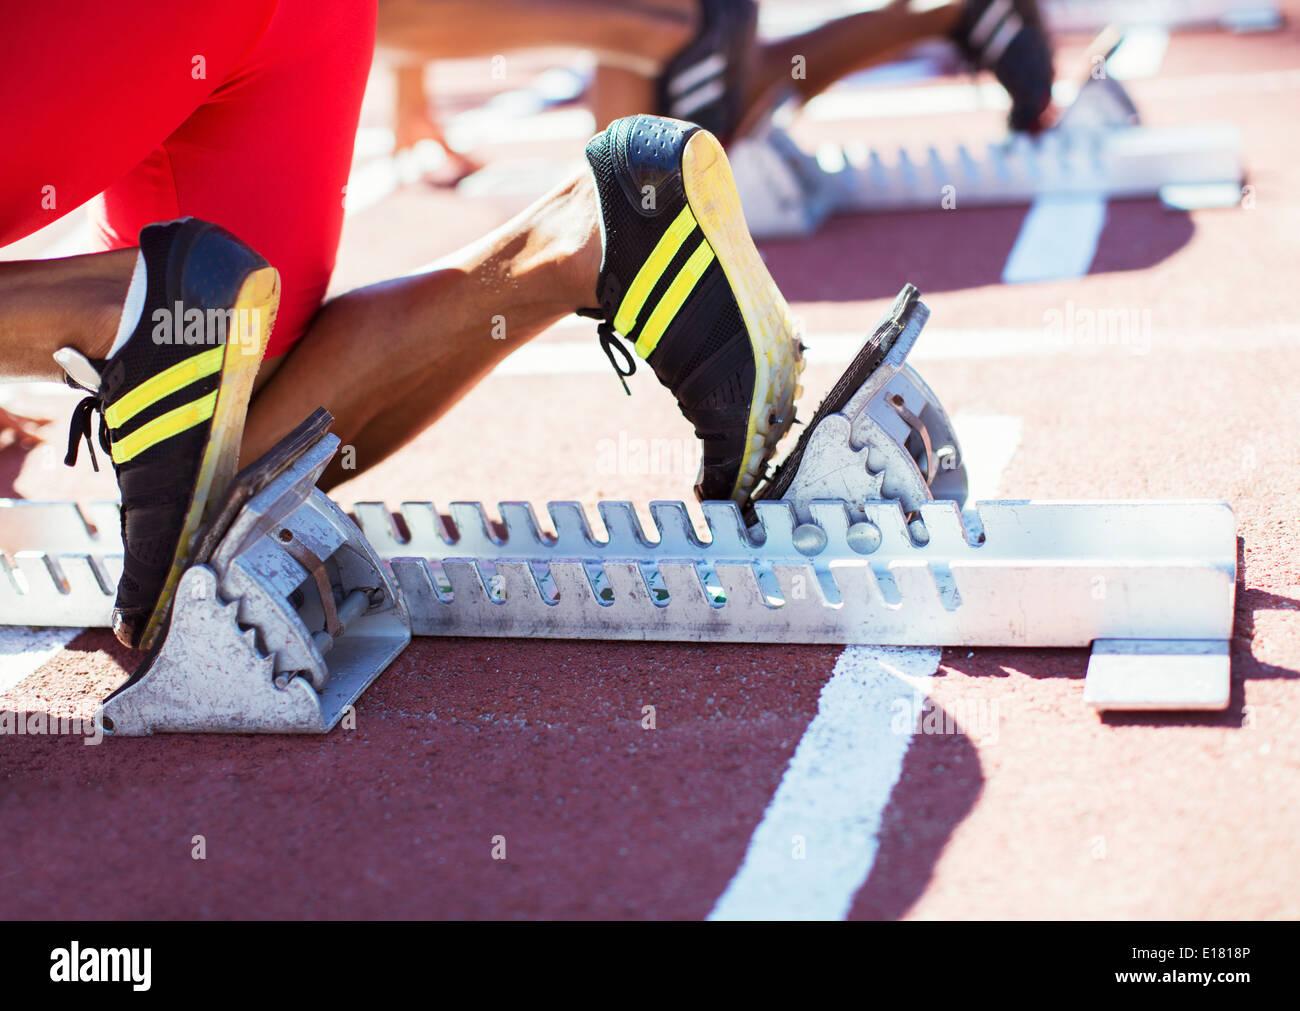 Runner's feet in starting blocks on track - Stock Image